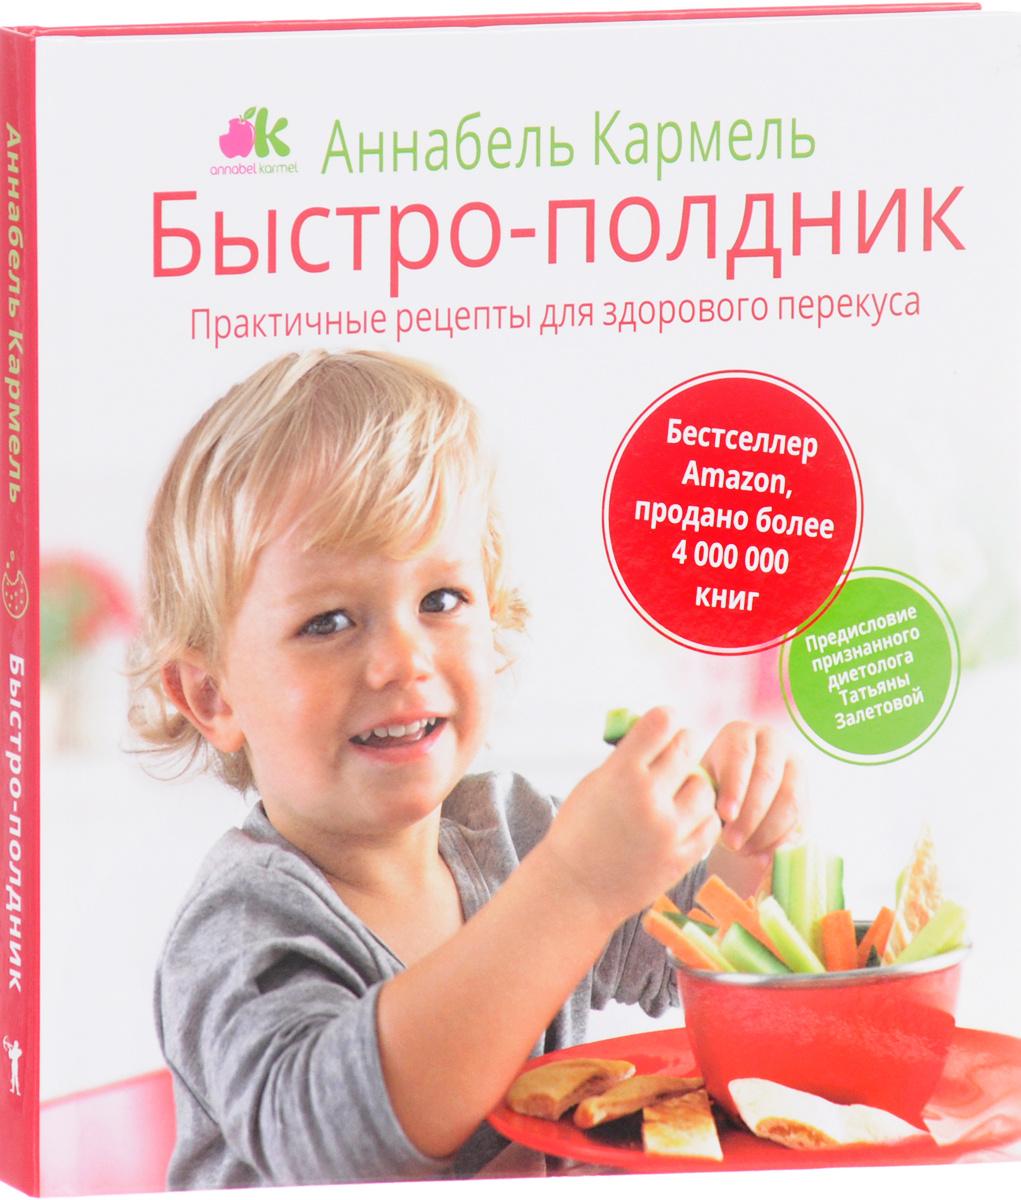 Быстро-полдник. Практические рецепты для здорового перекуса   Кармель Аннабель  #1